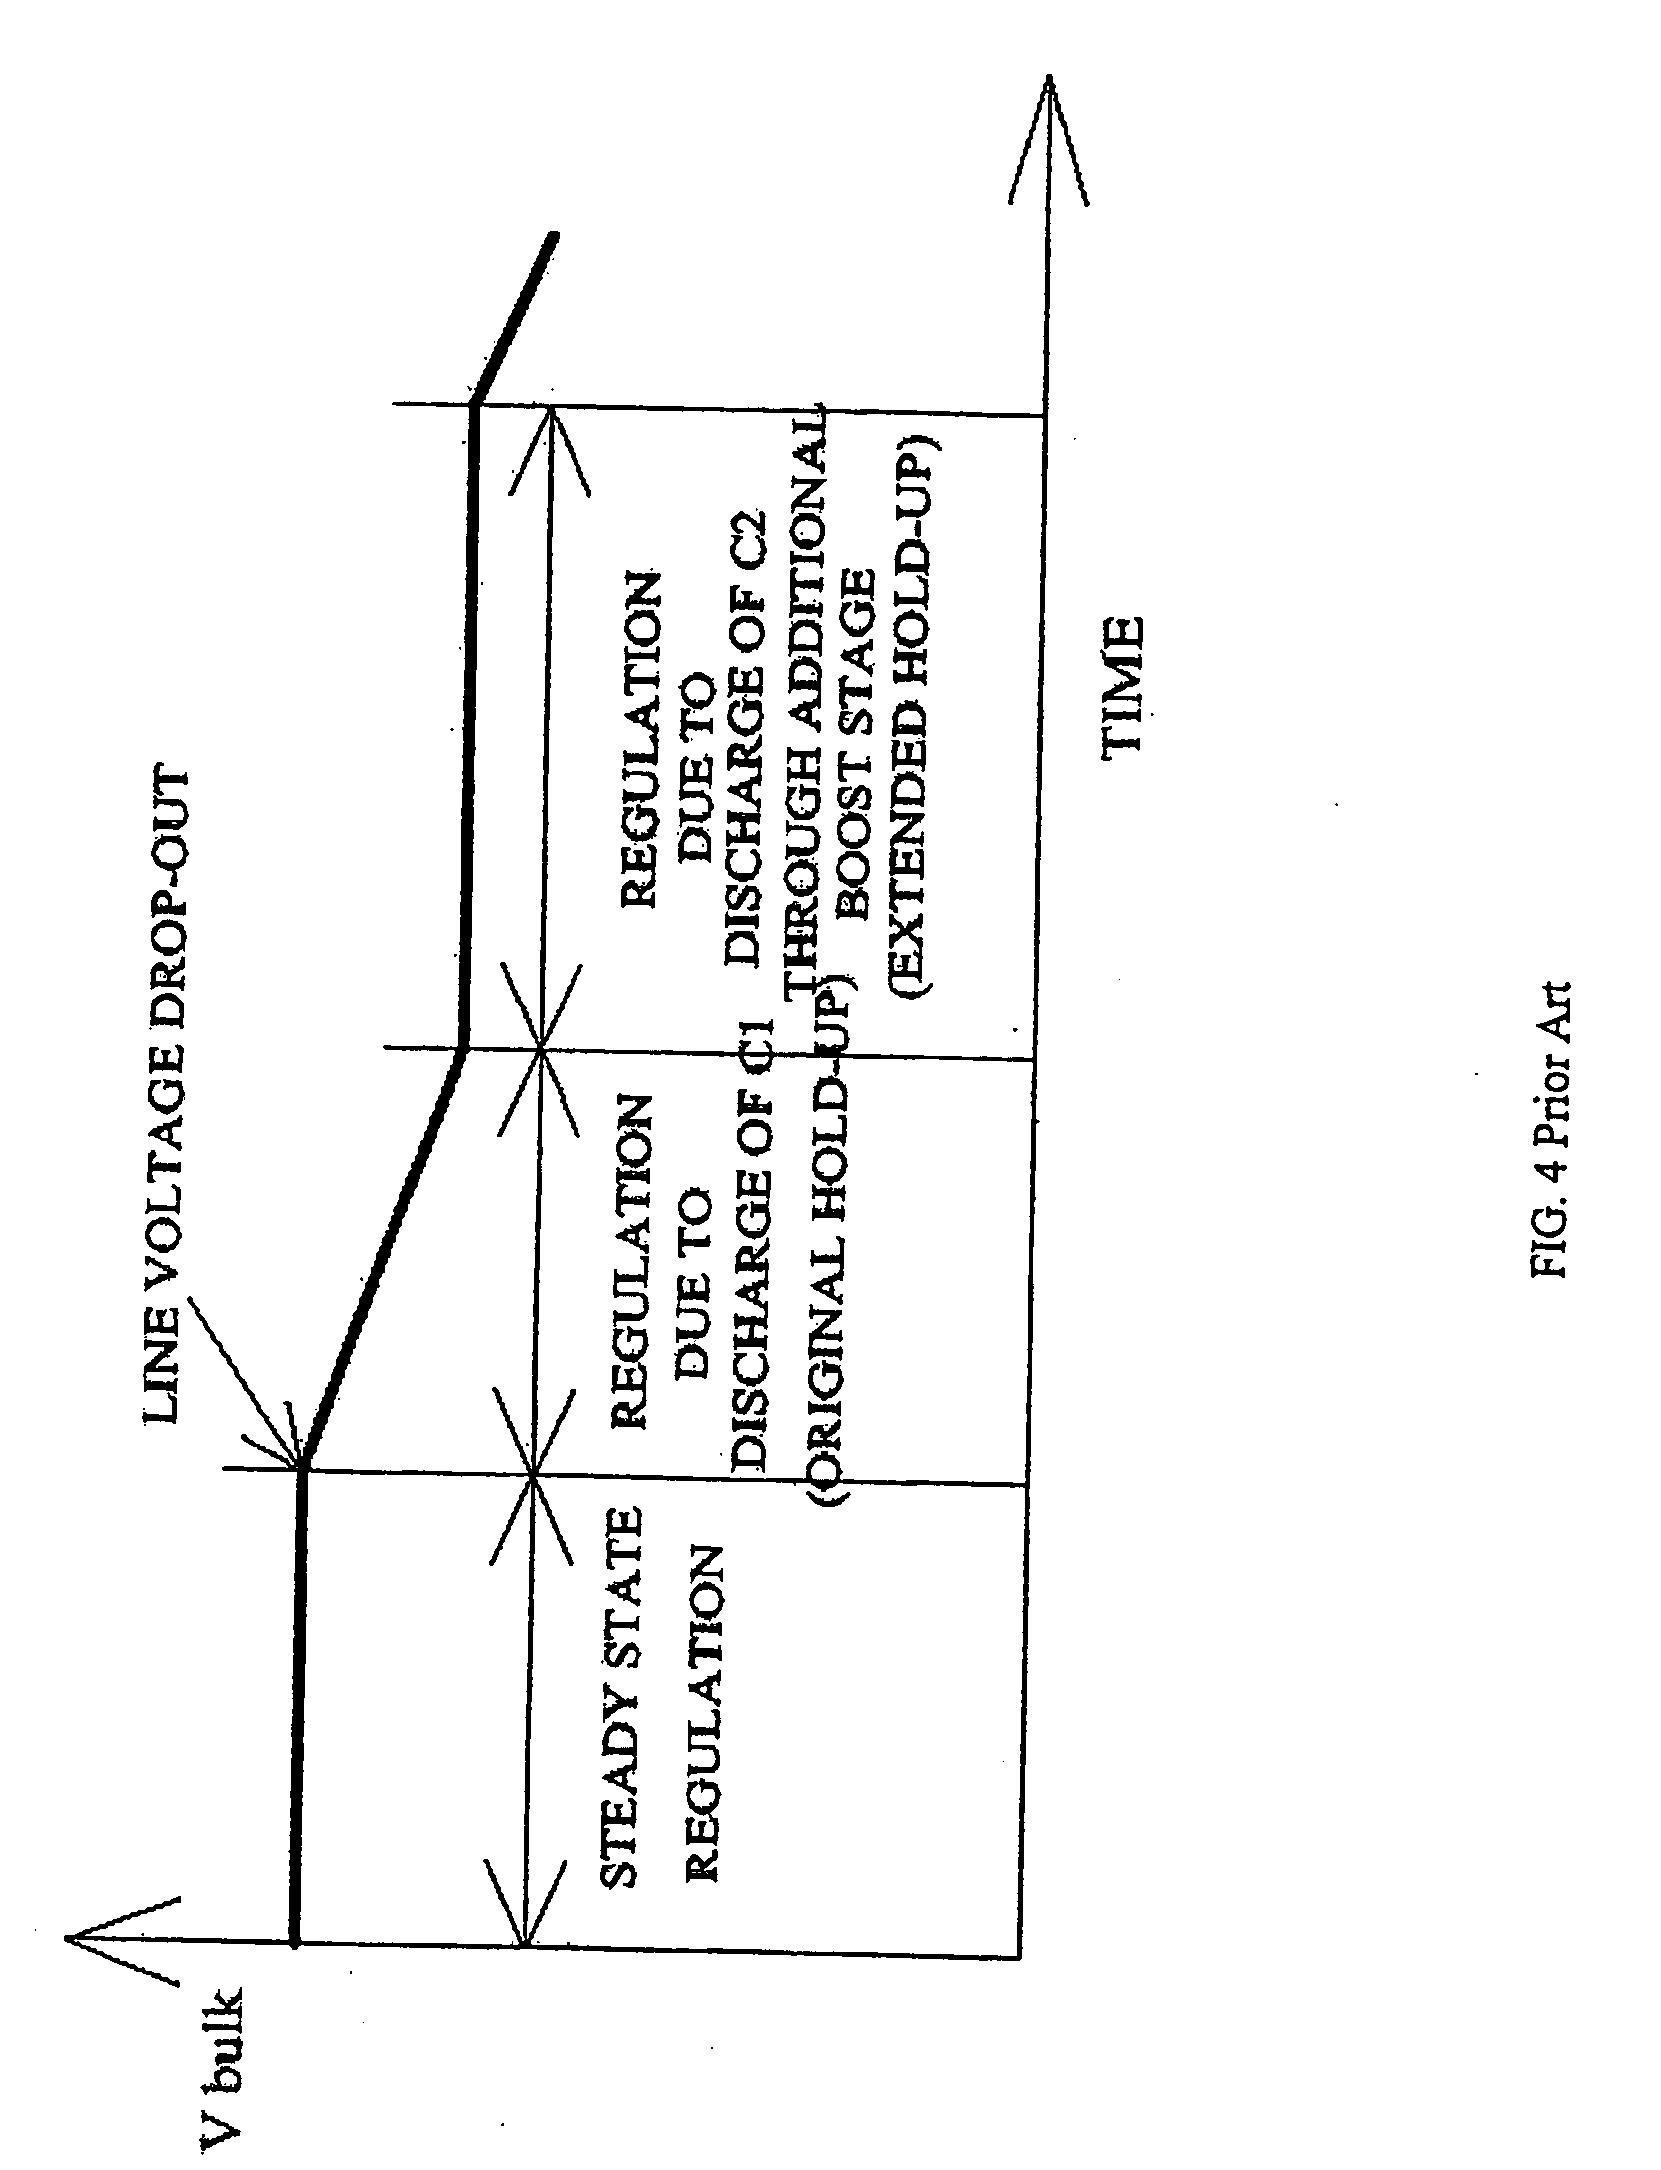 patent us20050030772